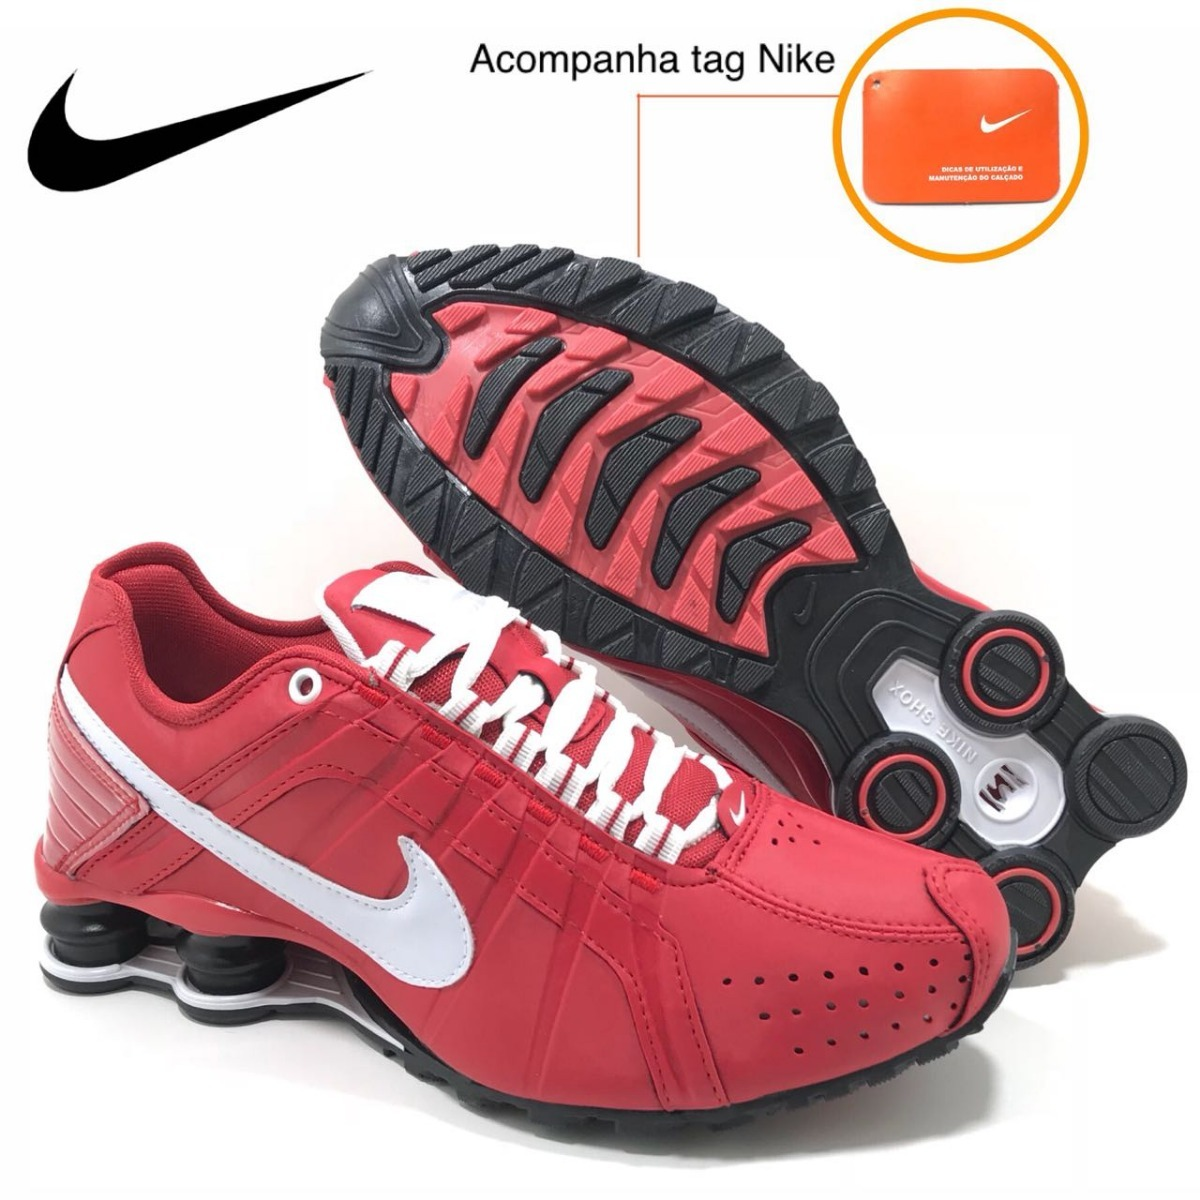 release date 7c182 30dfd ... discount tênis nike shox junior vermelho preto original. carregando  zoom. 66fdb 28021